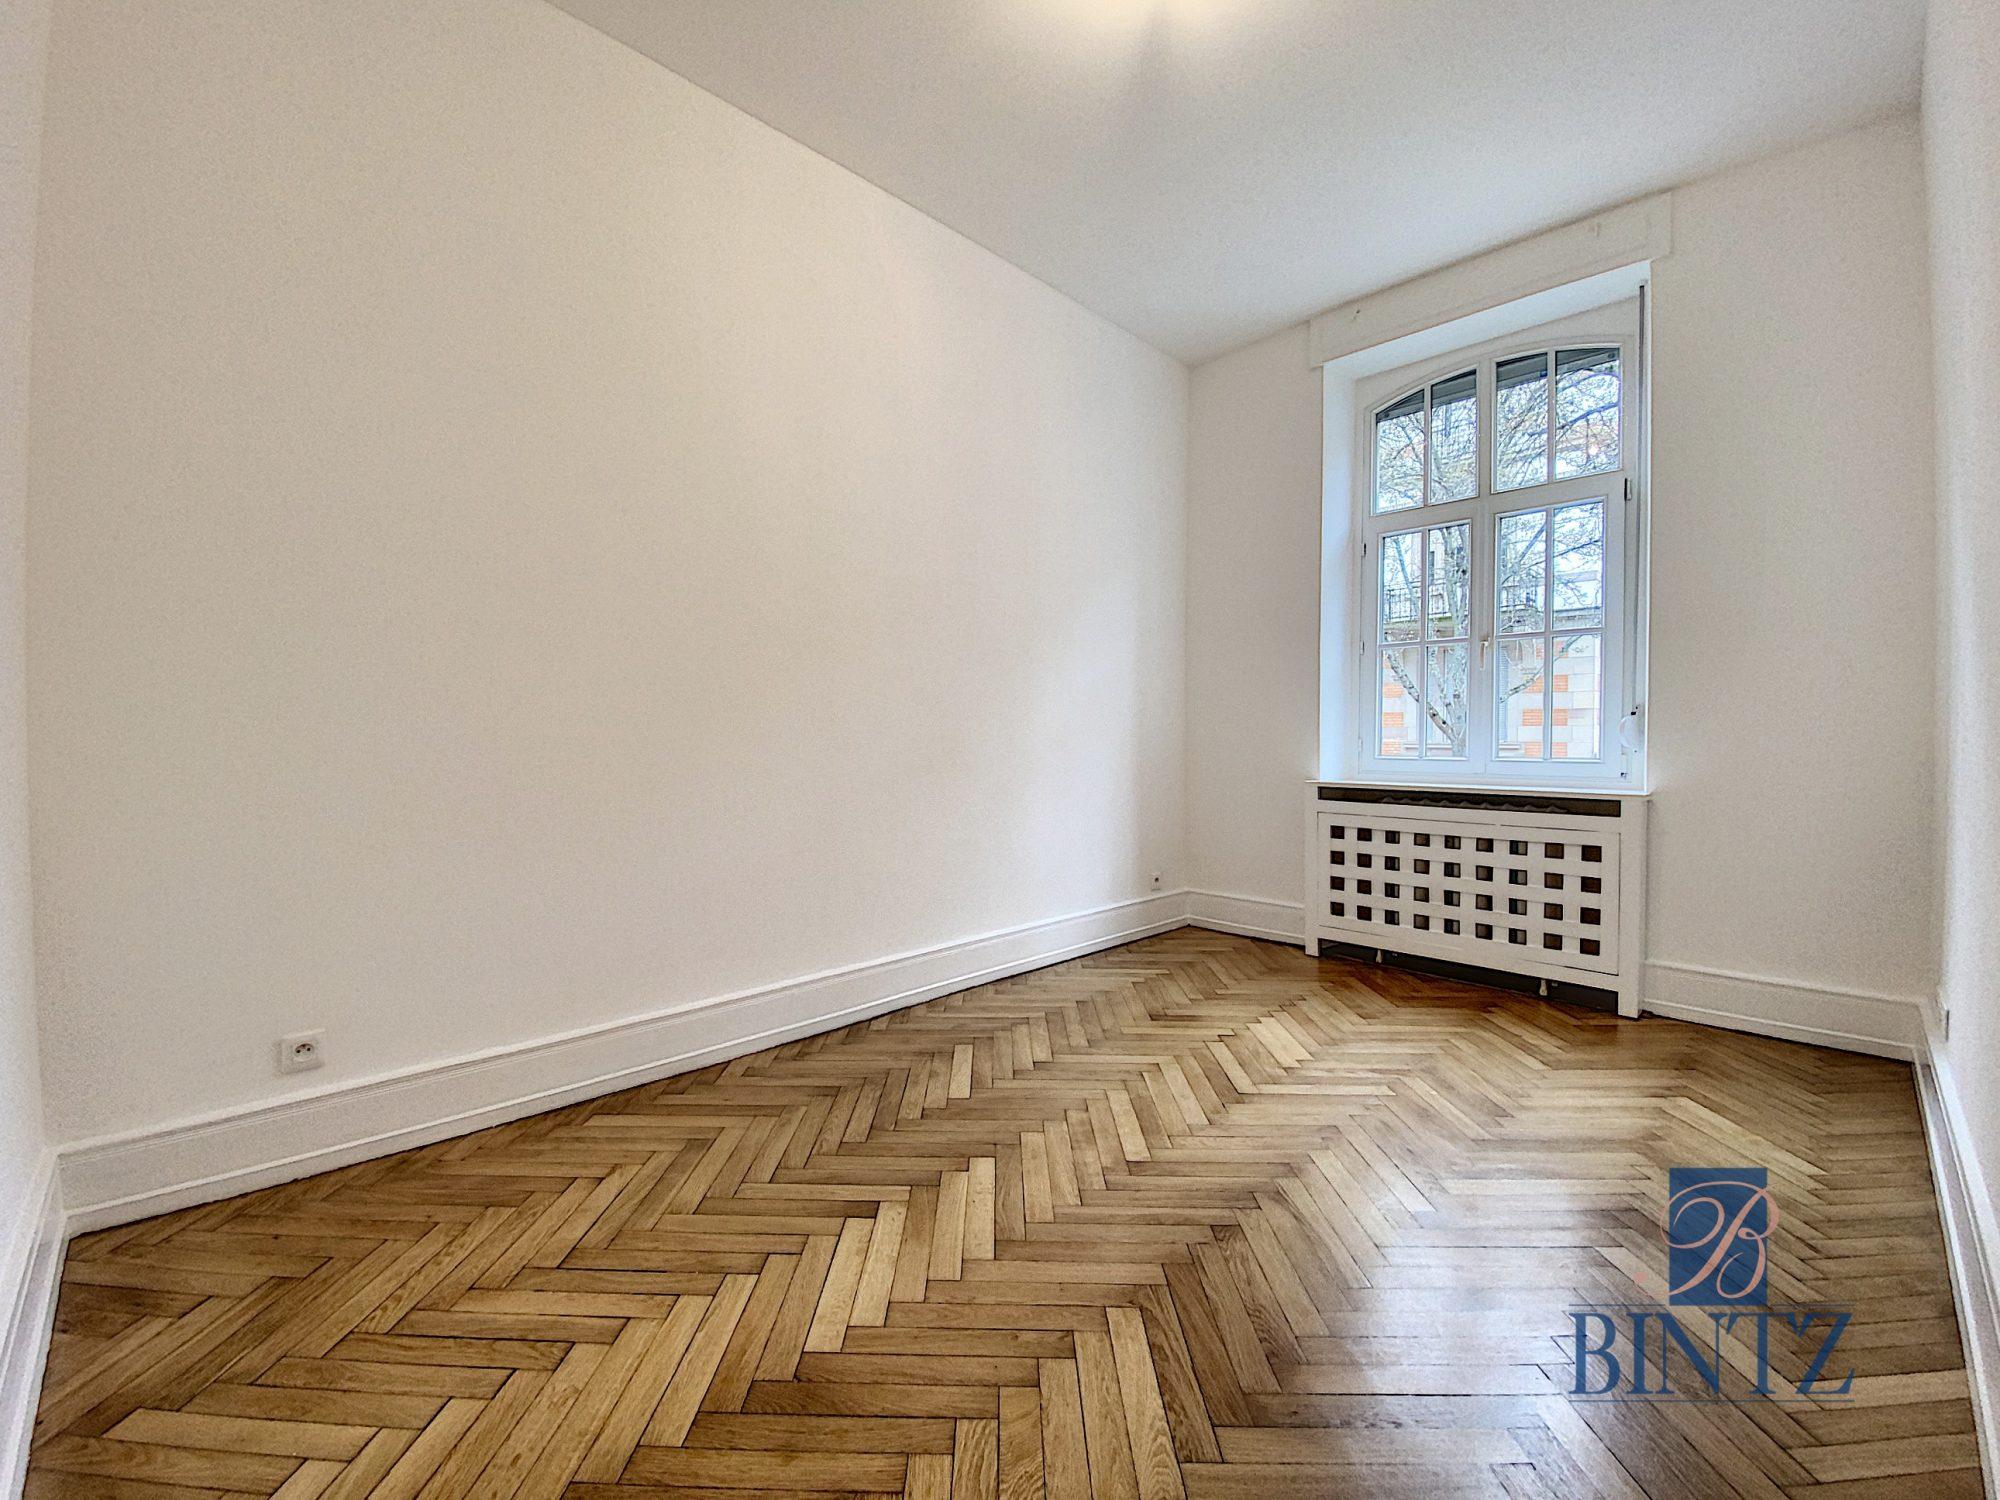 SUPERBE 4 PIECES ENTRE JARDIN BOTANIQUE ET ORANGERIE - Devenez locataire en toute sérénité - Bintz Immobilier - 14